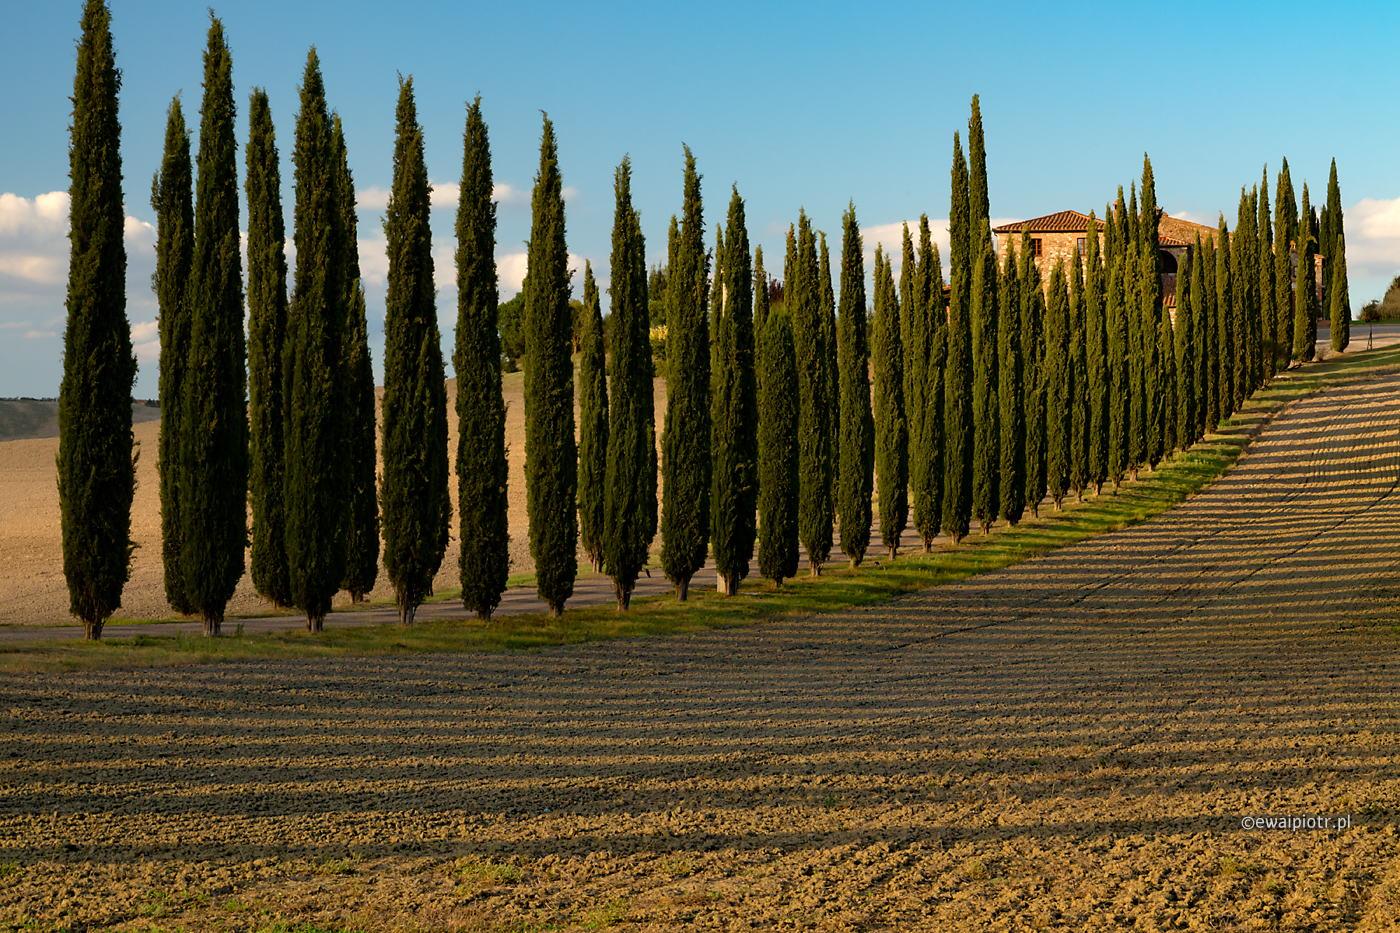 Aleja cyprysów, Toskania